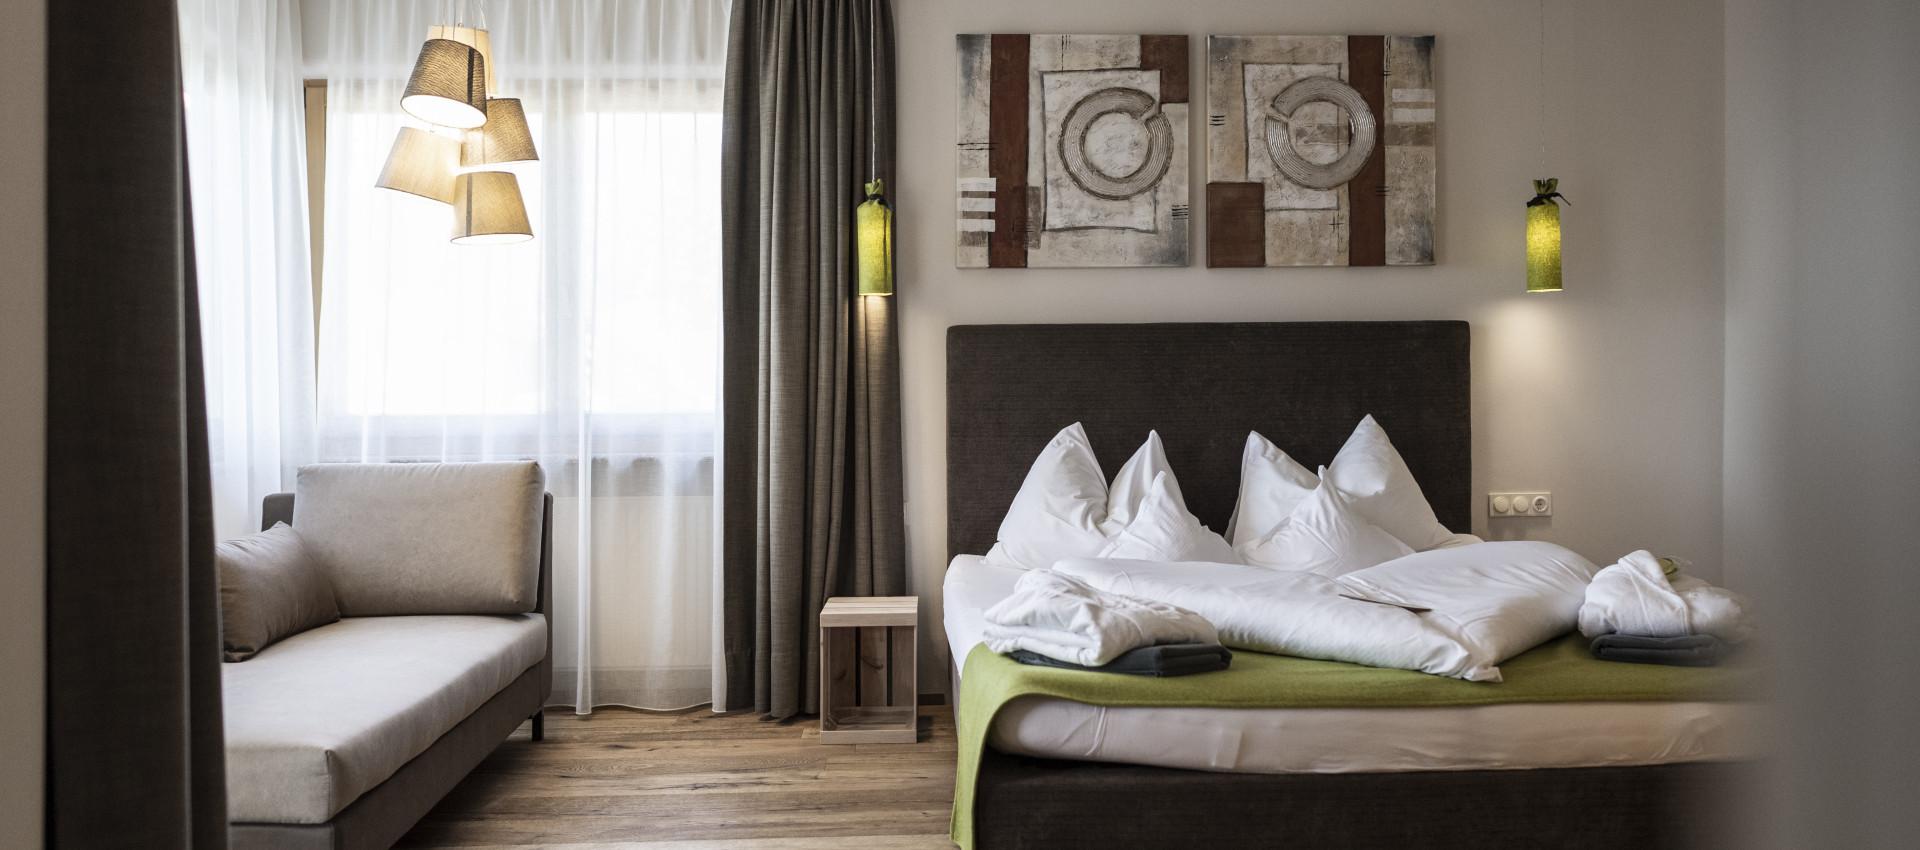 Wellnesshotel Südtirol, Zimmer, Suitenund Genuss